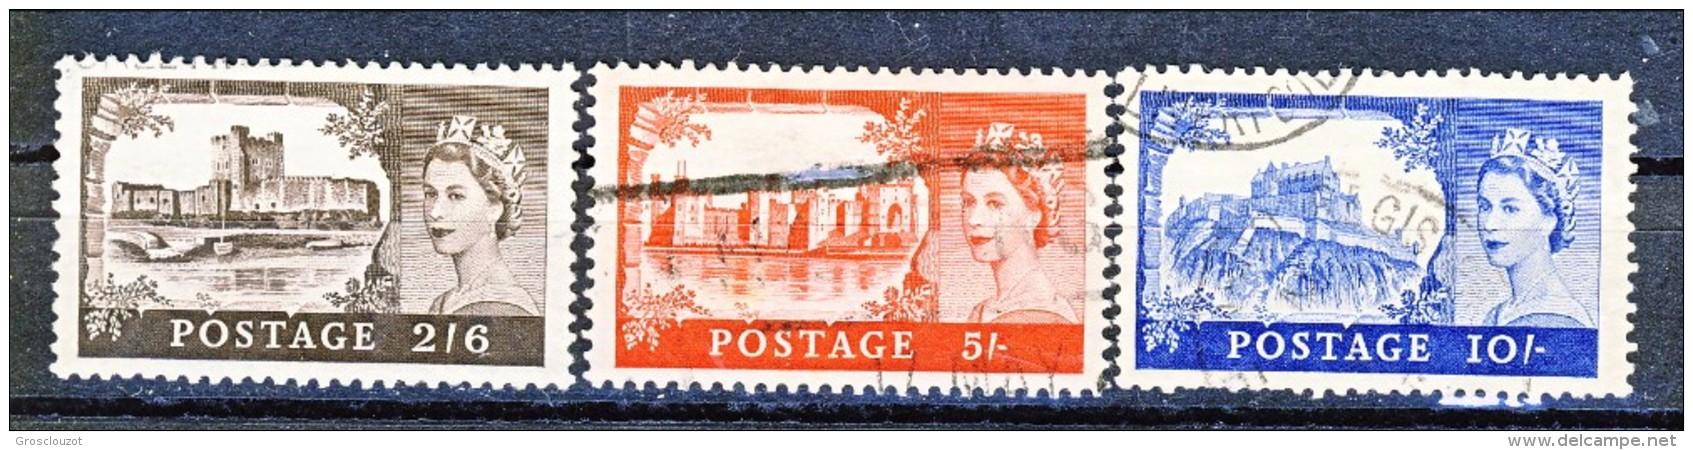 UK Elisabetta II 1955 Castelli E Effige. Serietta 283-285 Filigrana 21 Usati Catalogo € 15 - 1952-.... (Elisabetta II)